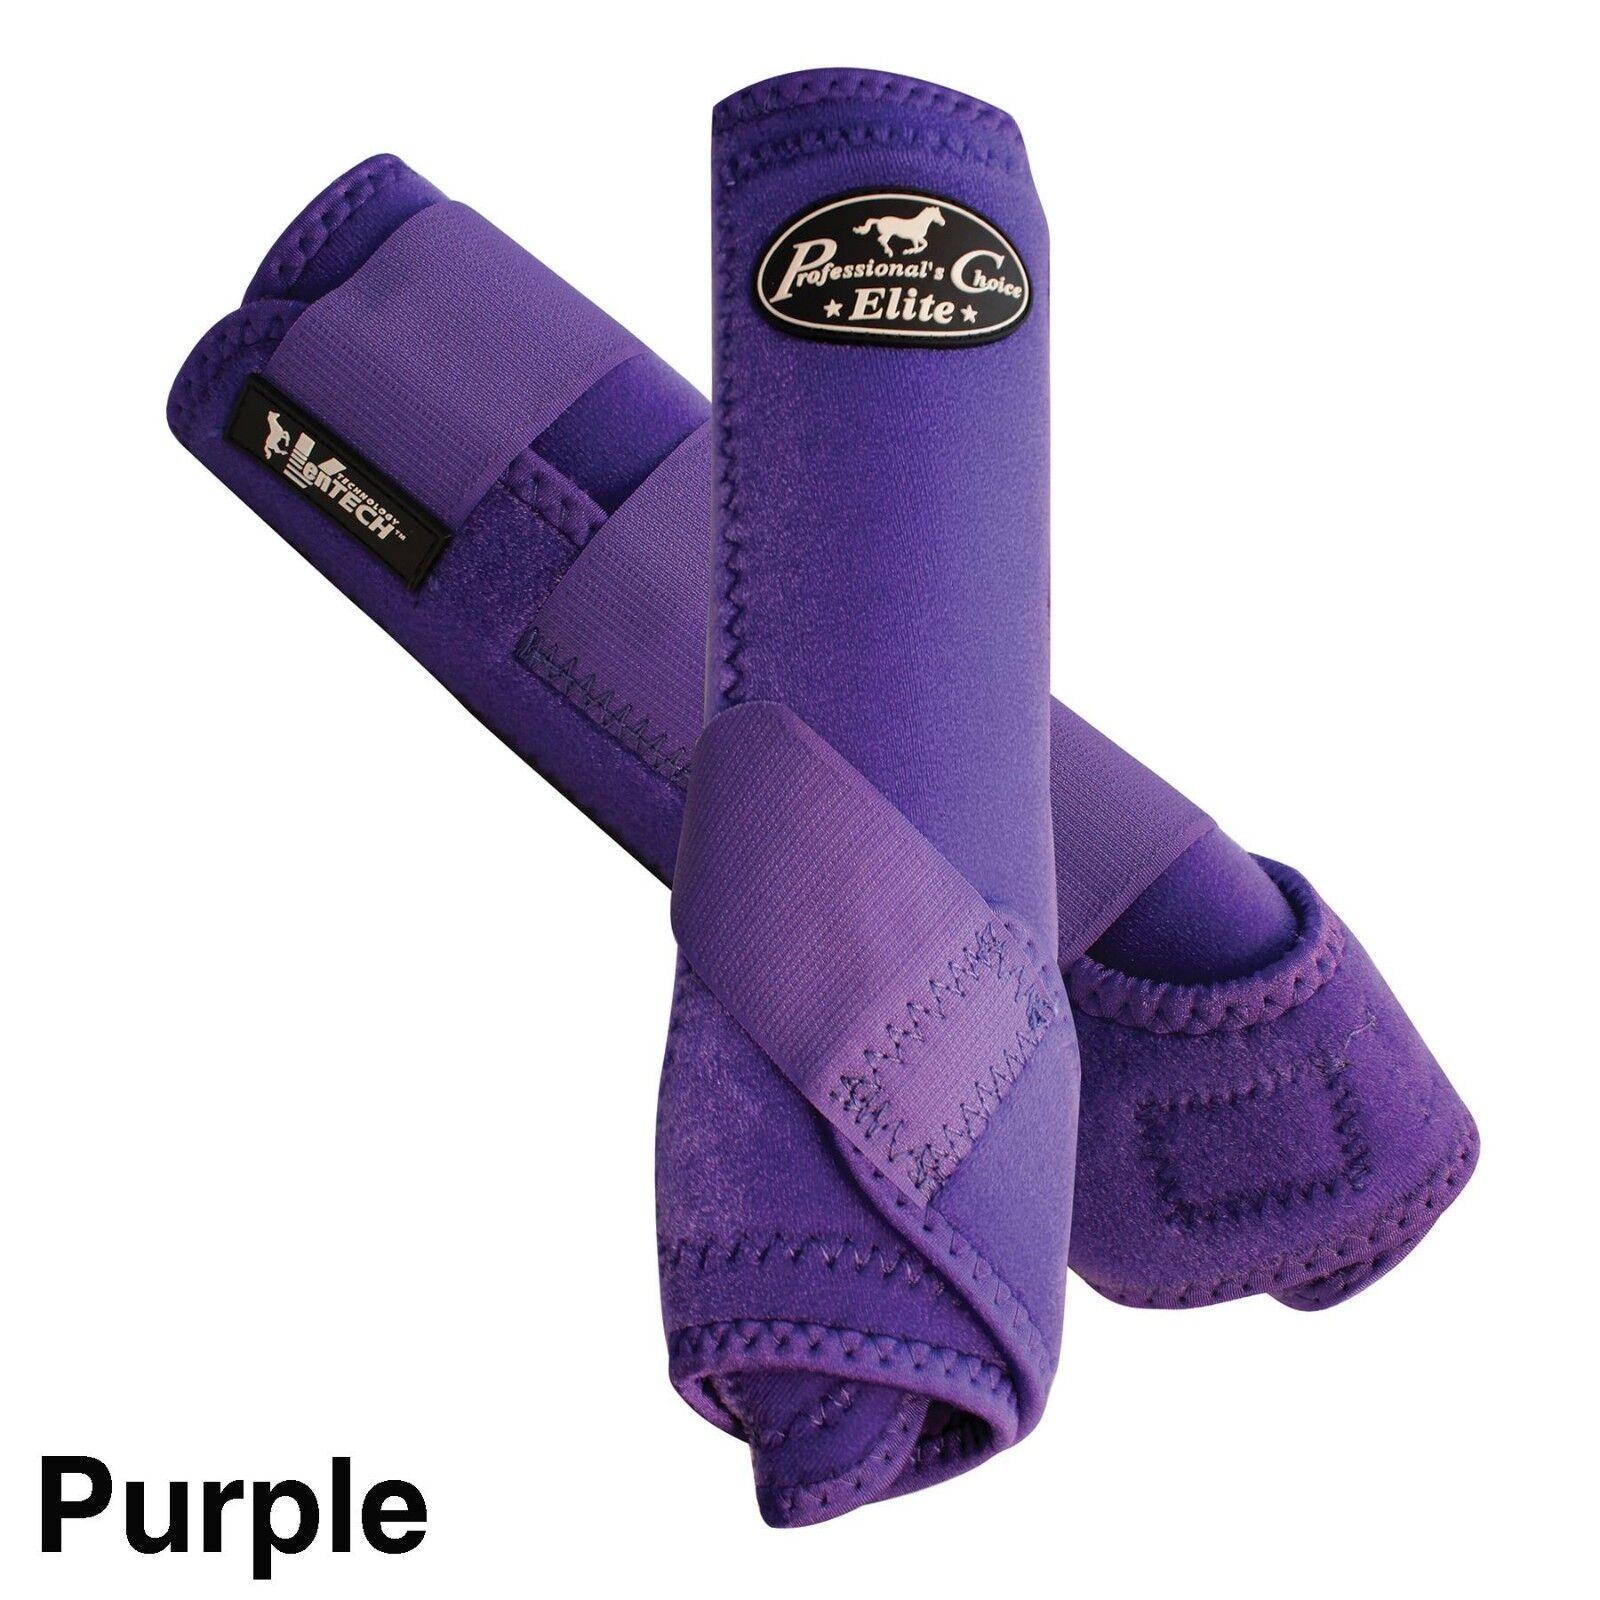 Professional's Choice VenTECH Elite Sports Medicine FRONT Pair Boots PURPLE